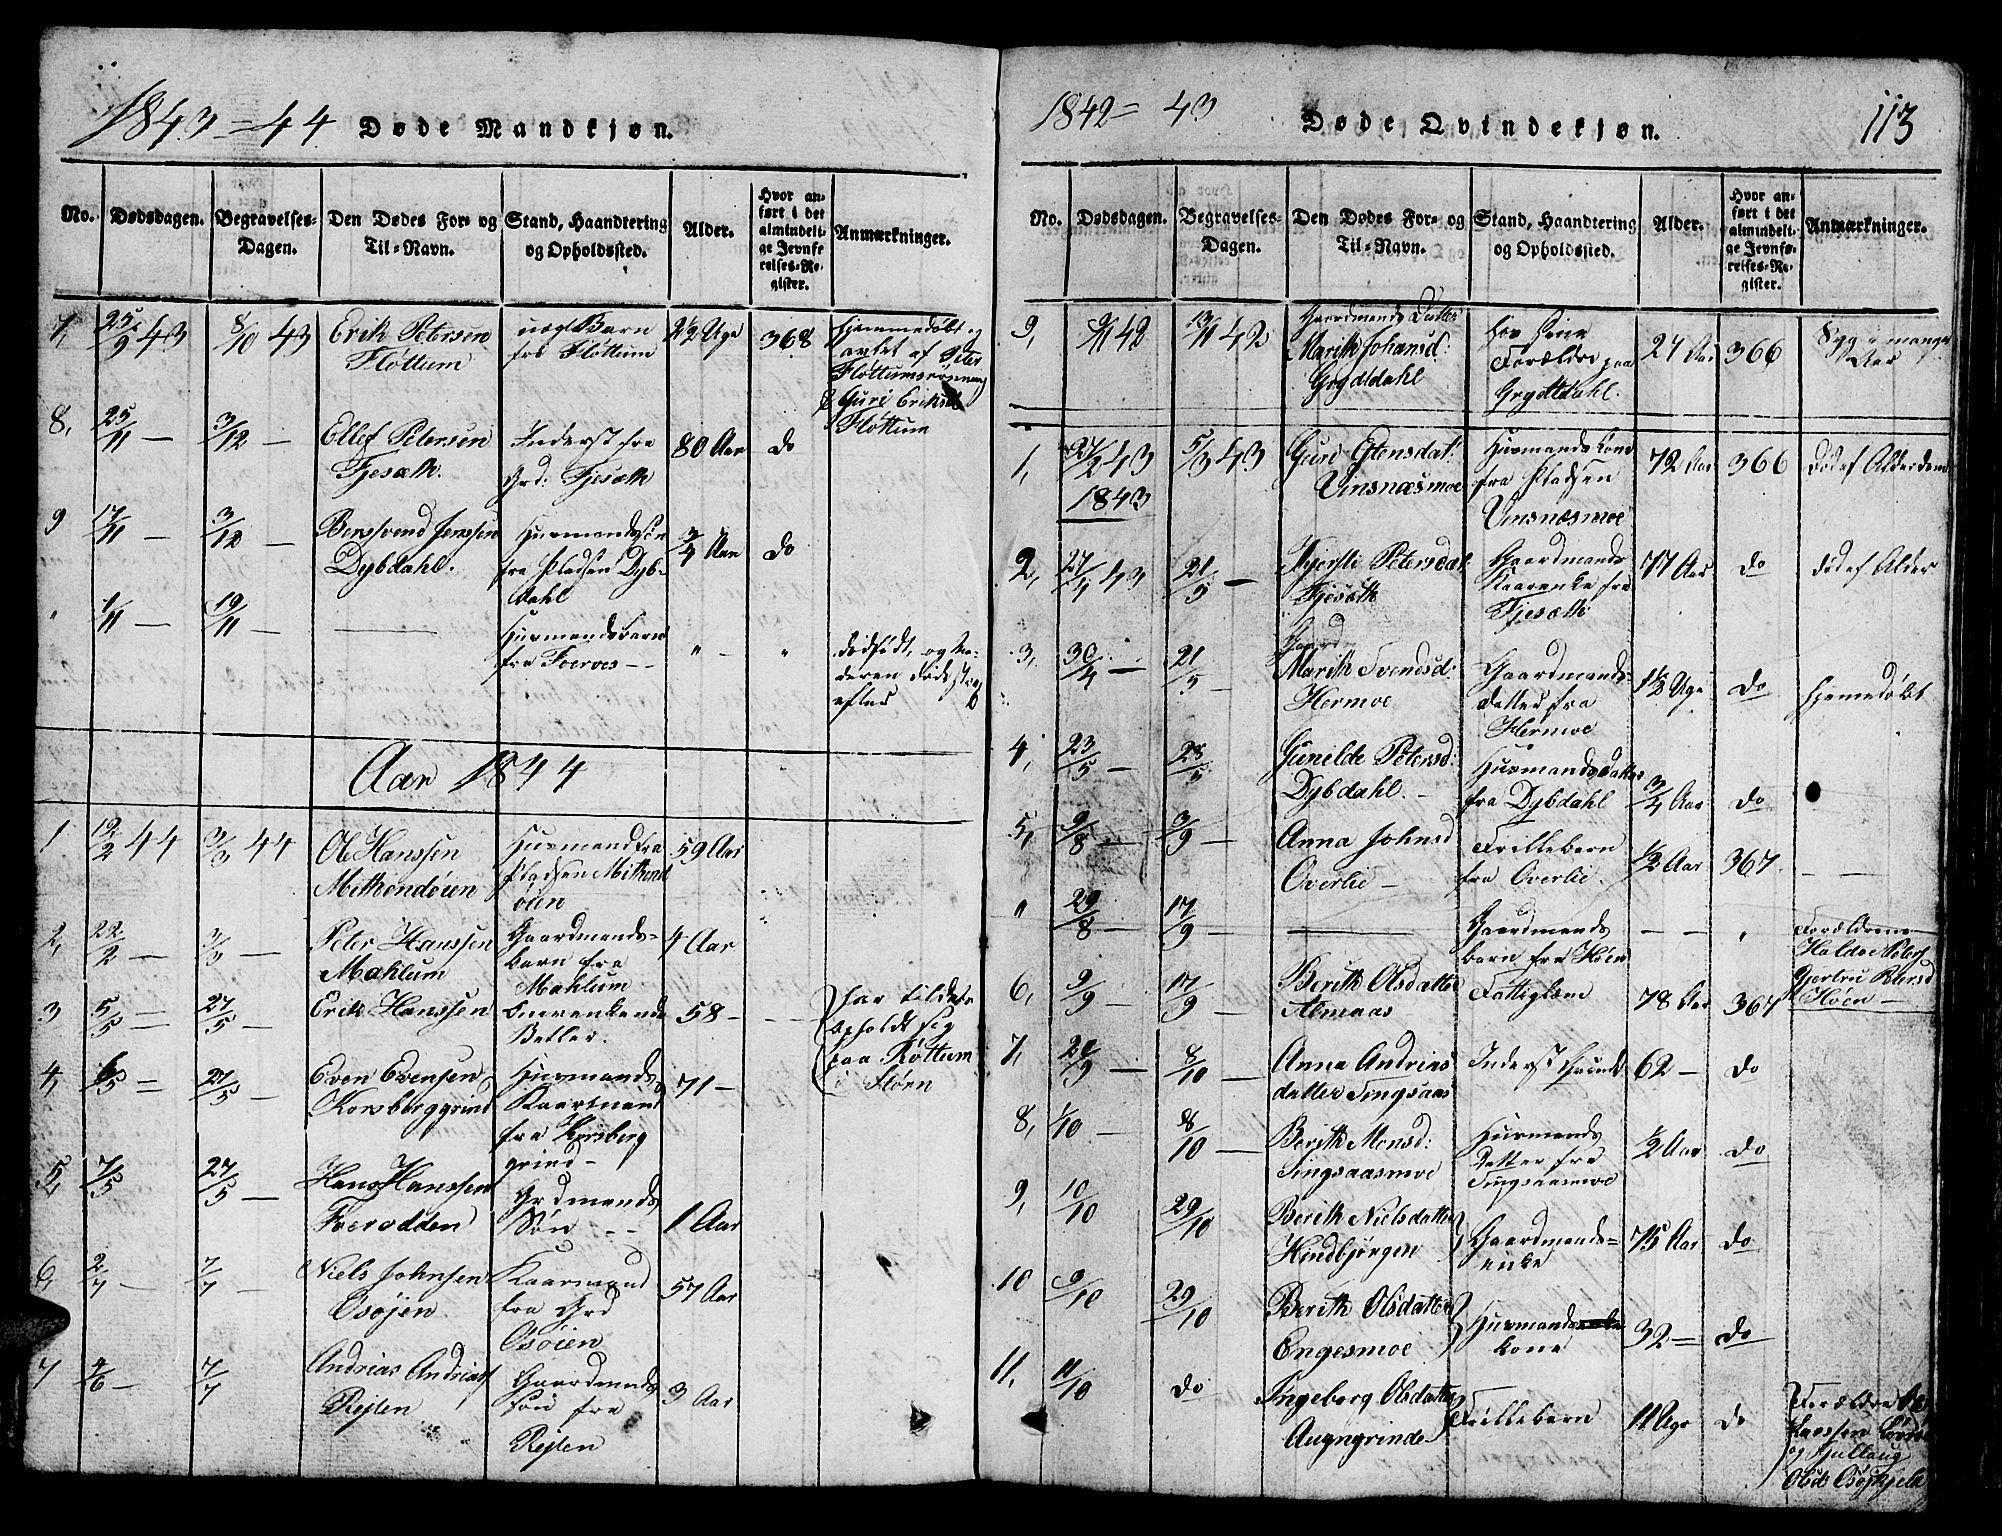 SAT, Ministerialprotokoller, klokkerbøker og fødselsregistre - Sør-Trøndelag, 688/L1026: Klokkerbok nr. 688C01, 1817-1860, s. 113